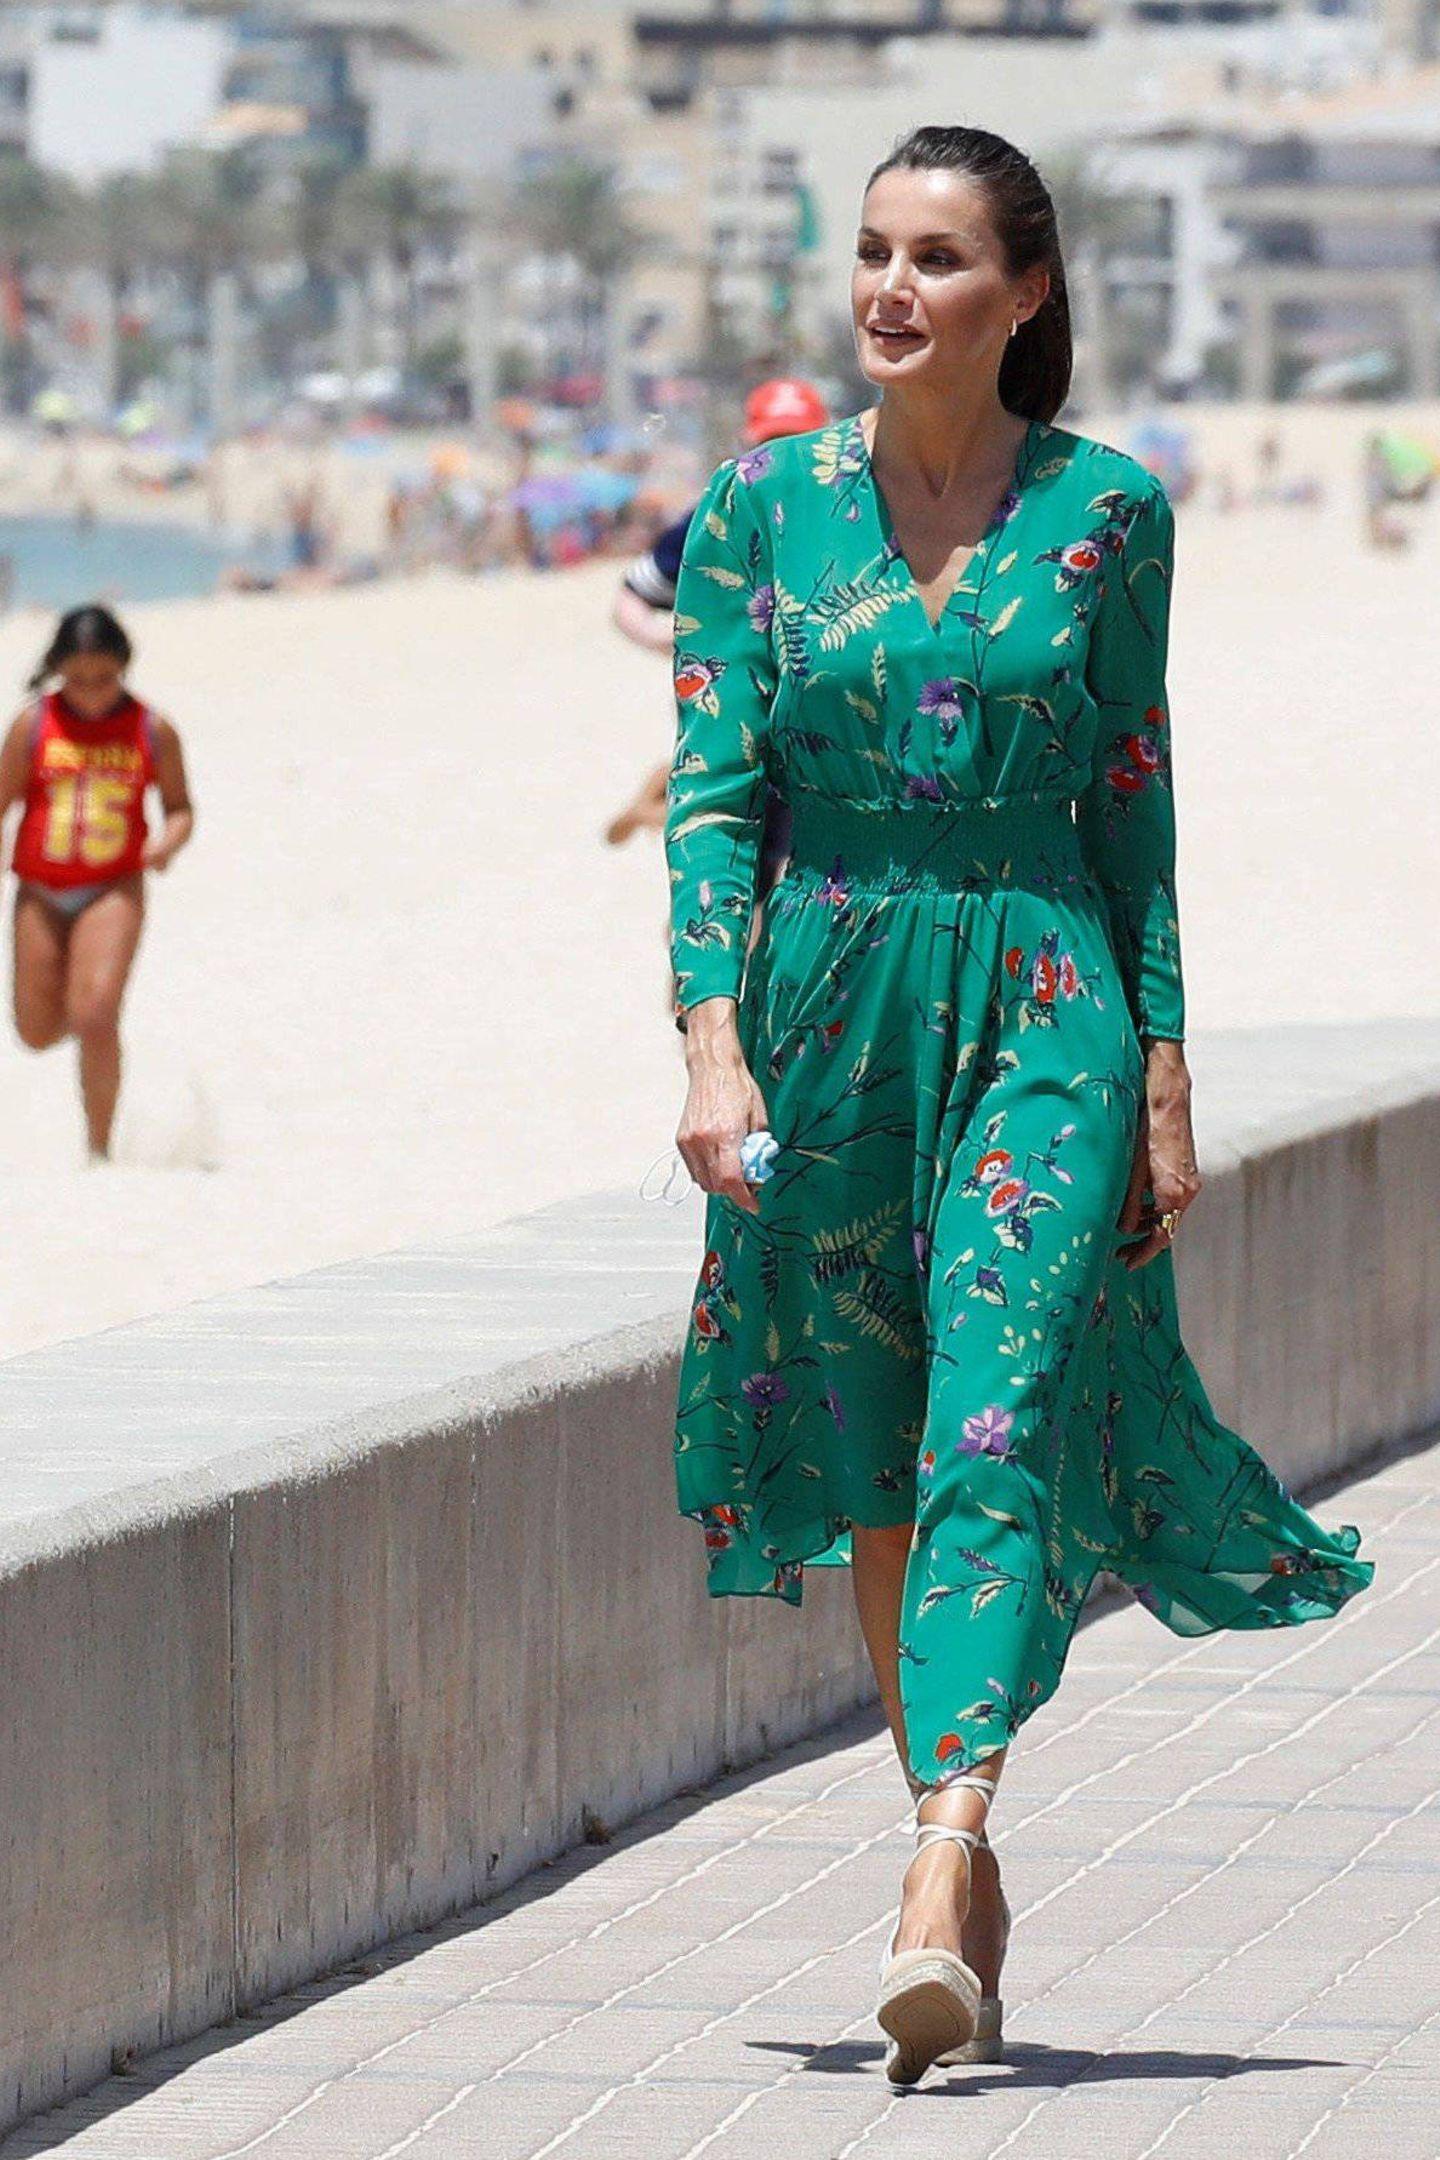 Lange, edle Flatterkleider und Espadrilles-Wedges: Wird das Königin Letizias Sommeruniform? Schon bei ihrem letzten öffentlichen Auftritt trug sie einen ähnlichen Look. Dieses Mal besucht die zweifache Mutter mit König Felipe die Touristenhochburg Palma de Mallorca, um sich über die Auswirkungen der Pandemie auf die derzeitige touristische Lage zu informieren. Zu diesem Anlass wählt sie neben einem grünen Blumenkleid von Maje, das sie bereits im Sommer 2019 zu offiziellen Anlässen trug, ihre neuen Lieblingsschuhe ...